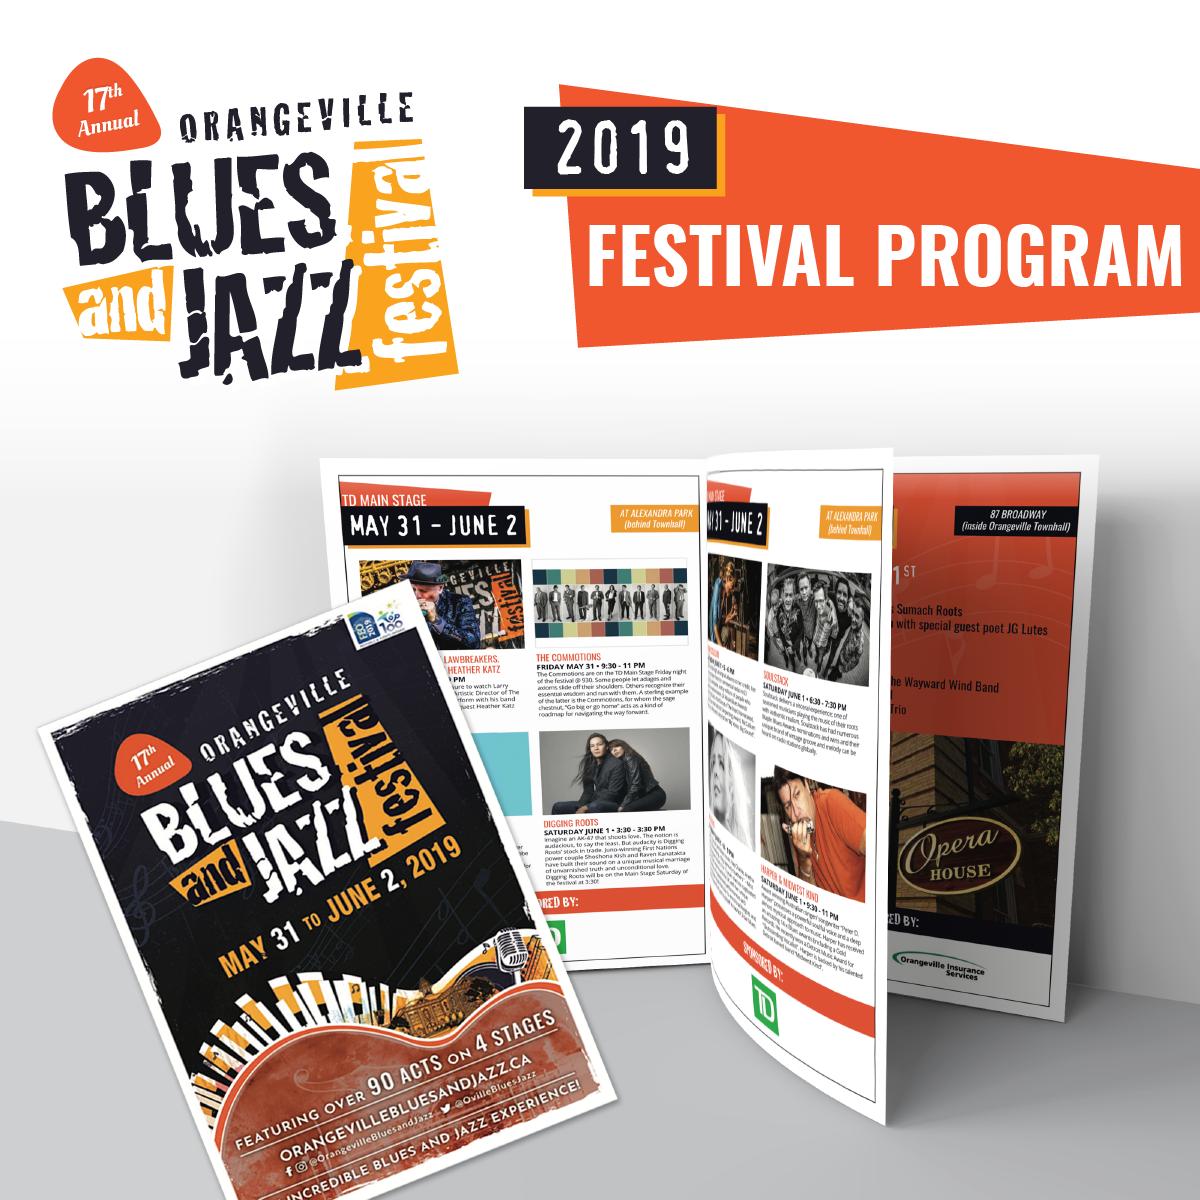 2019 Festival Program